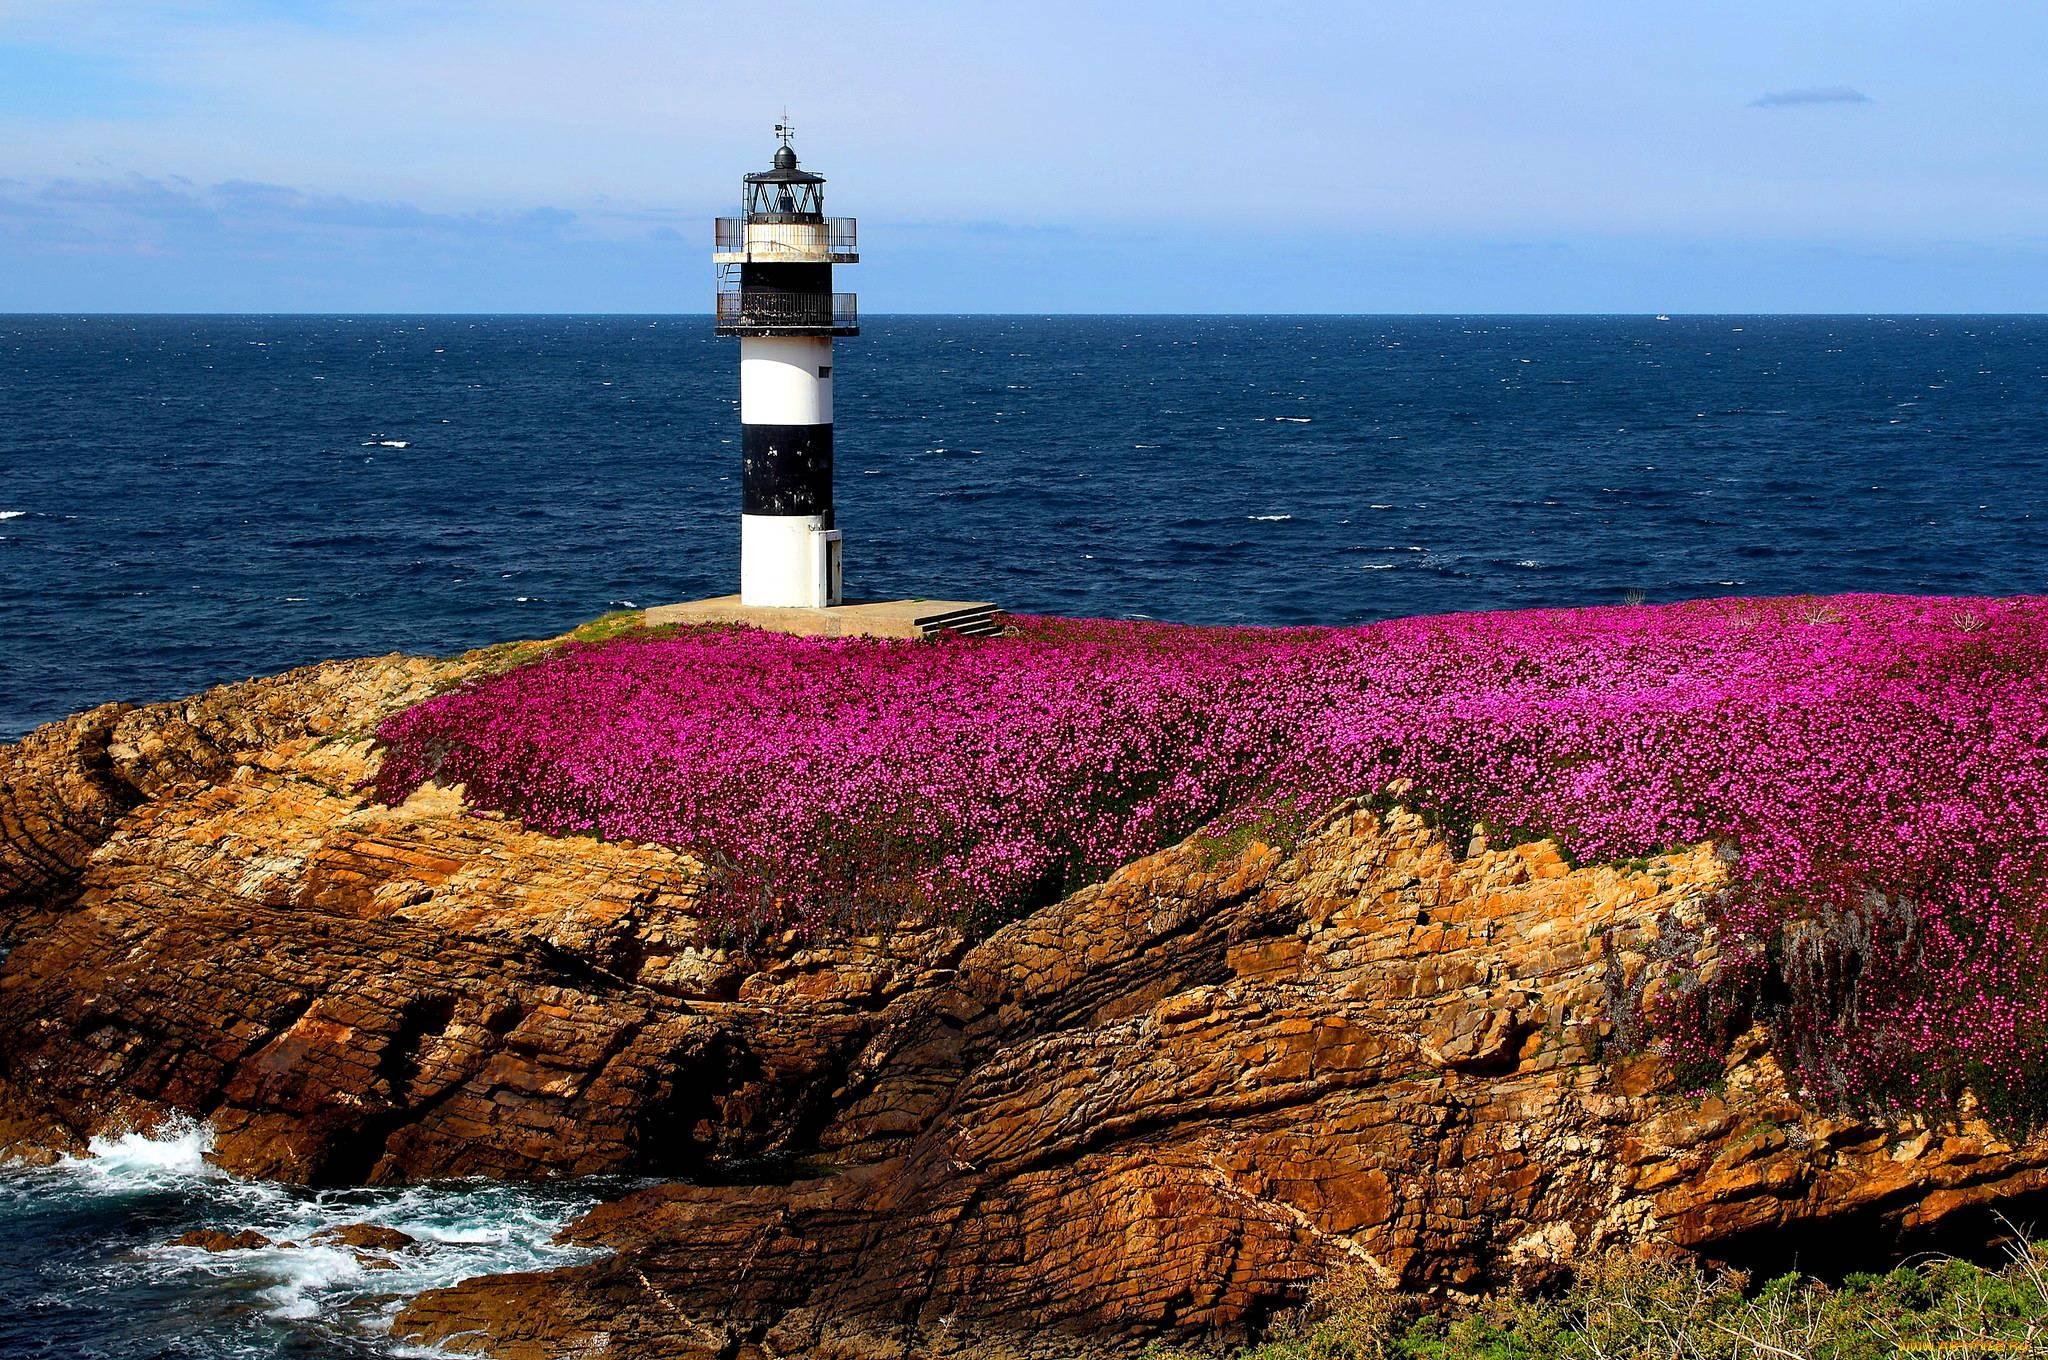 lighthouse desktop wallpaper 7900 - photo #31